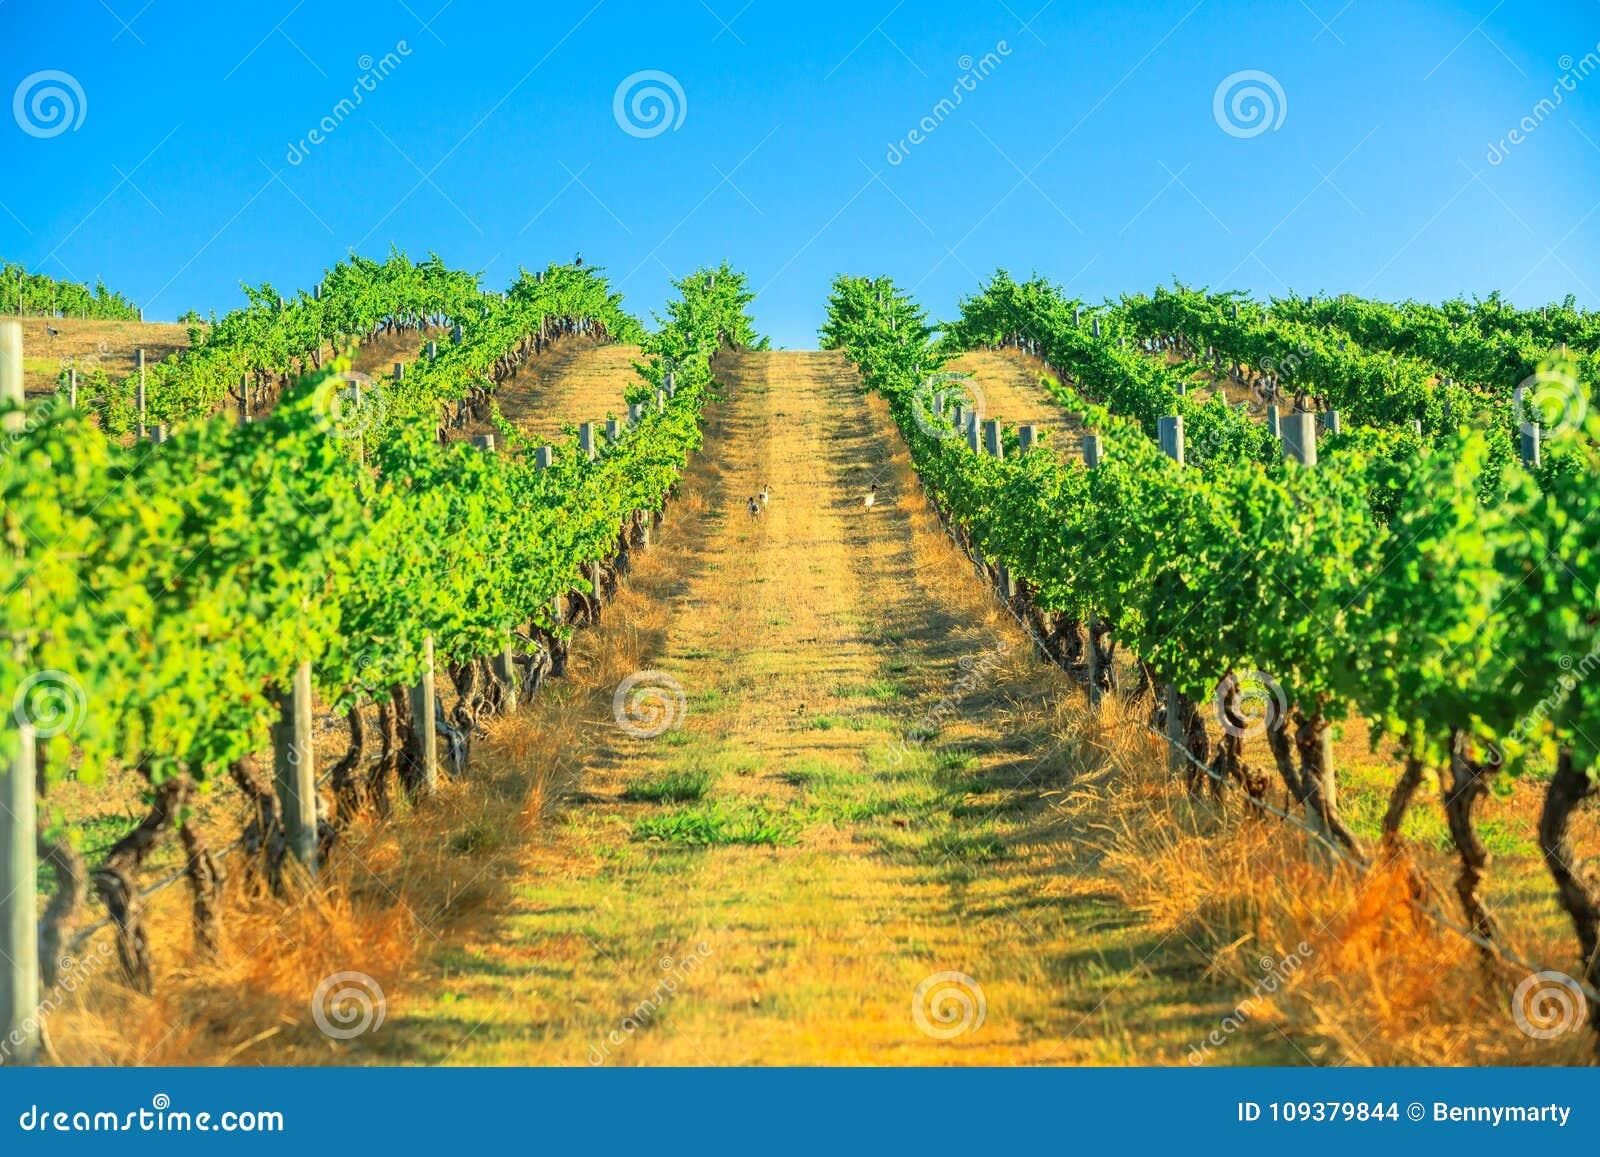 Виноградник реки Маргарета